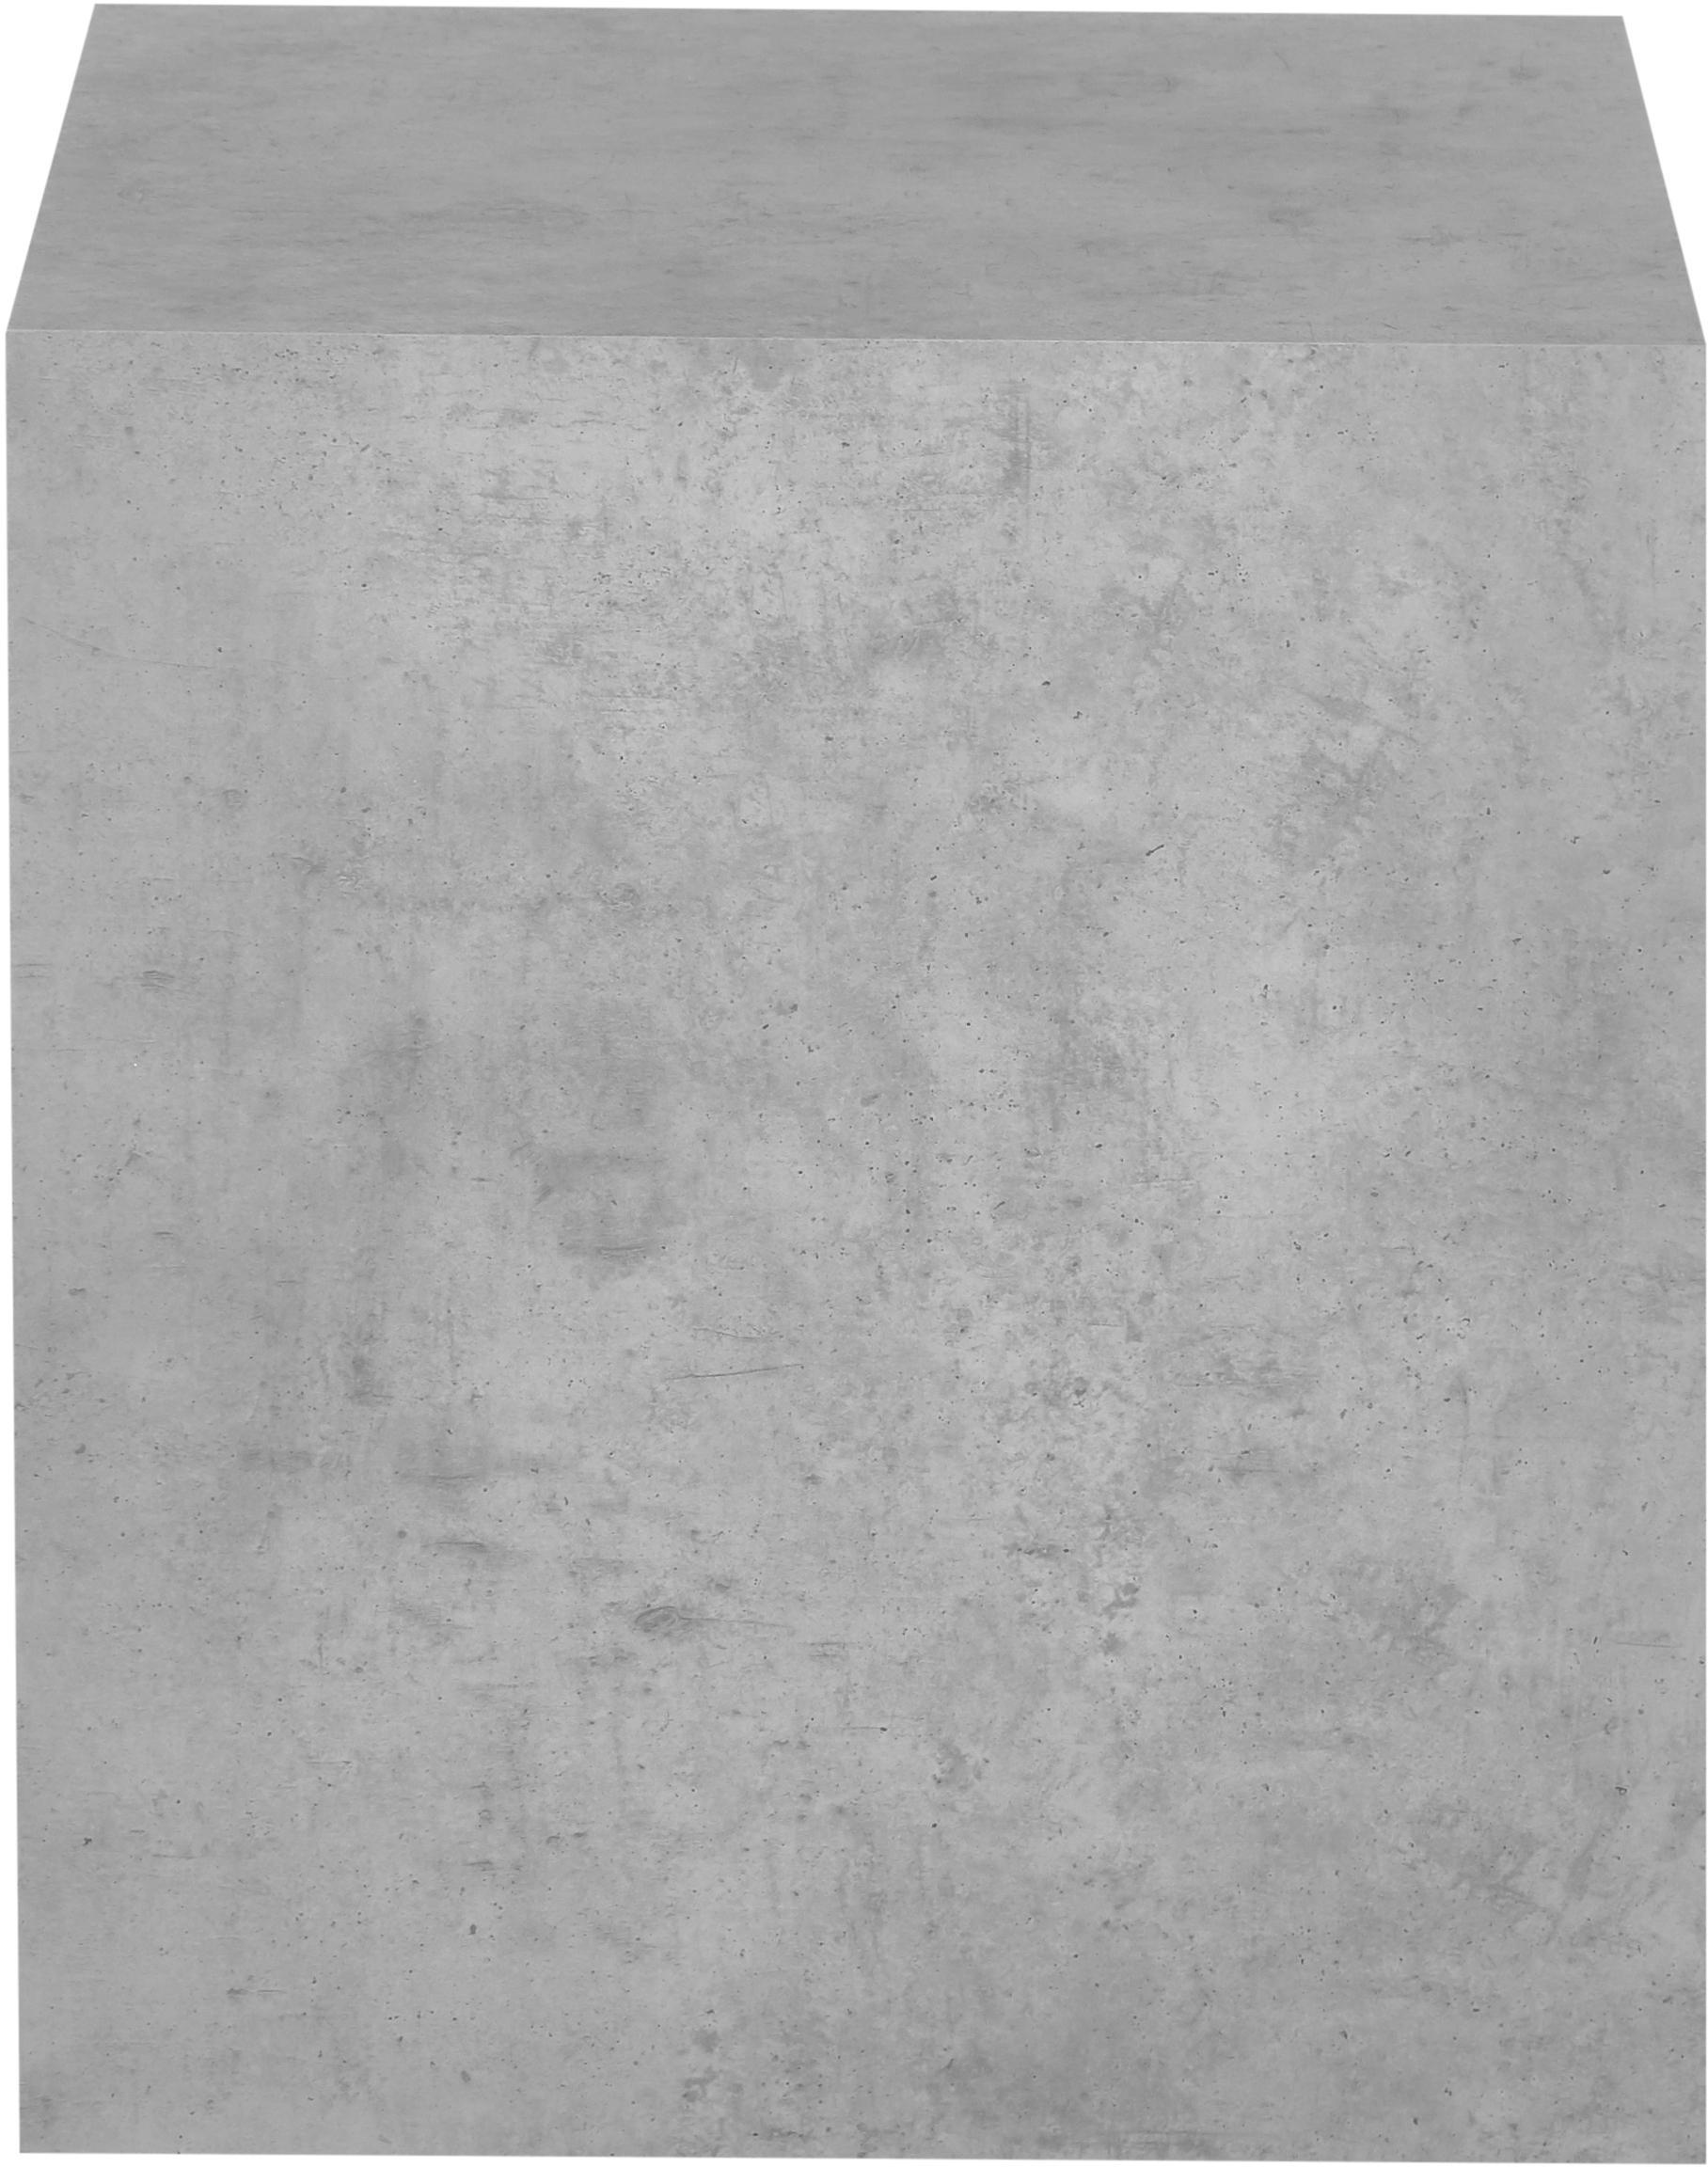 Beistelltisch Lesley in Betonoptik, Mitteldichte Holzfaserplatte (MDF), mit Melaminfolie überzogen, Grau, Betonoptik, 45 x 50 cm